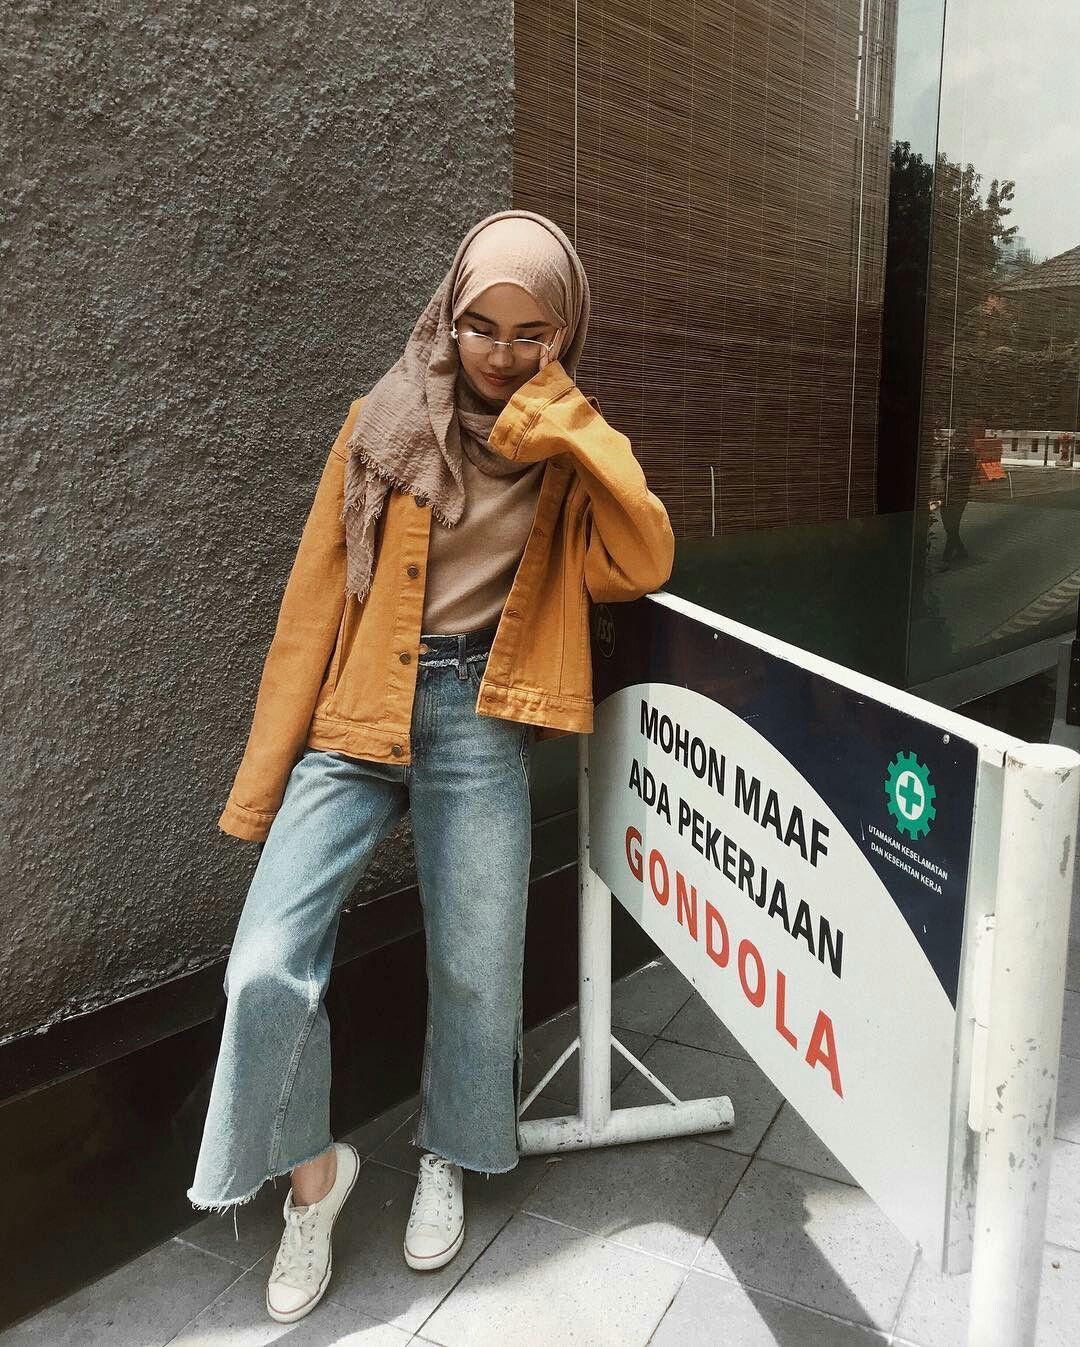 Ootd everywere everytime by selebgram firrr Jeans ootd ...